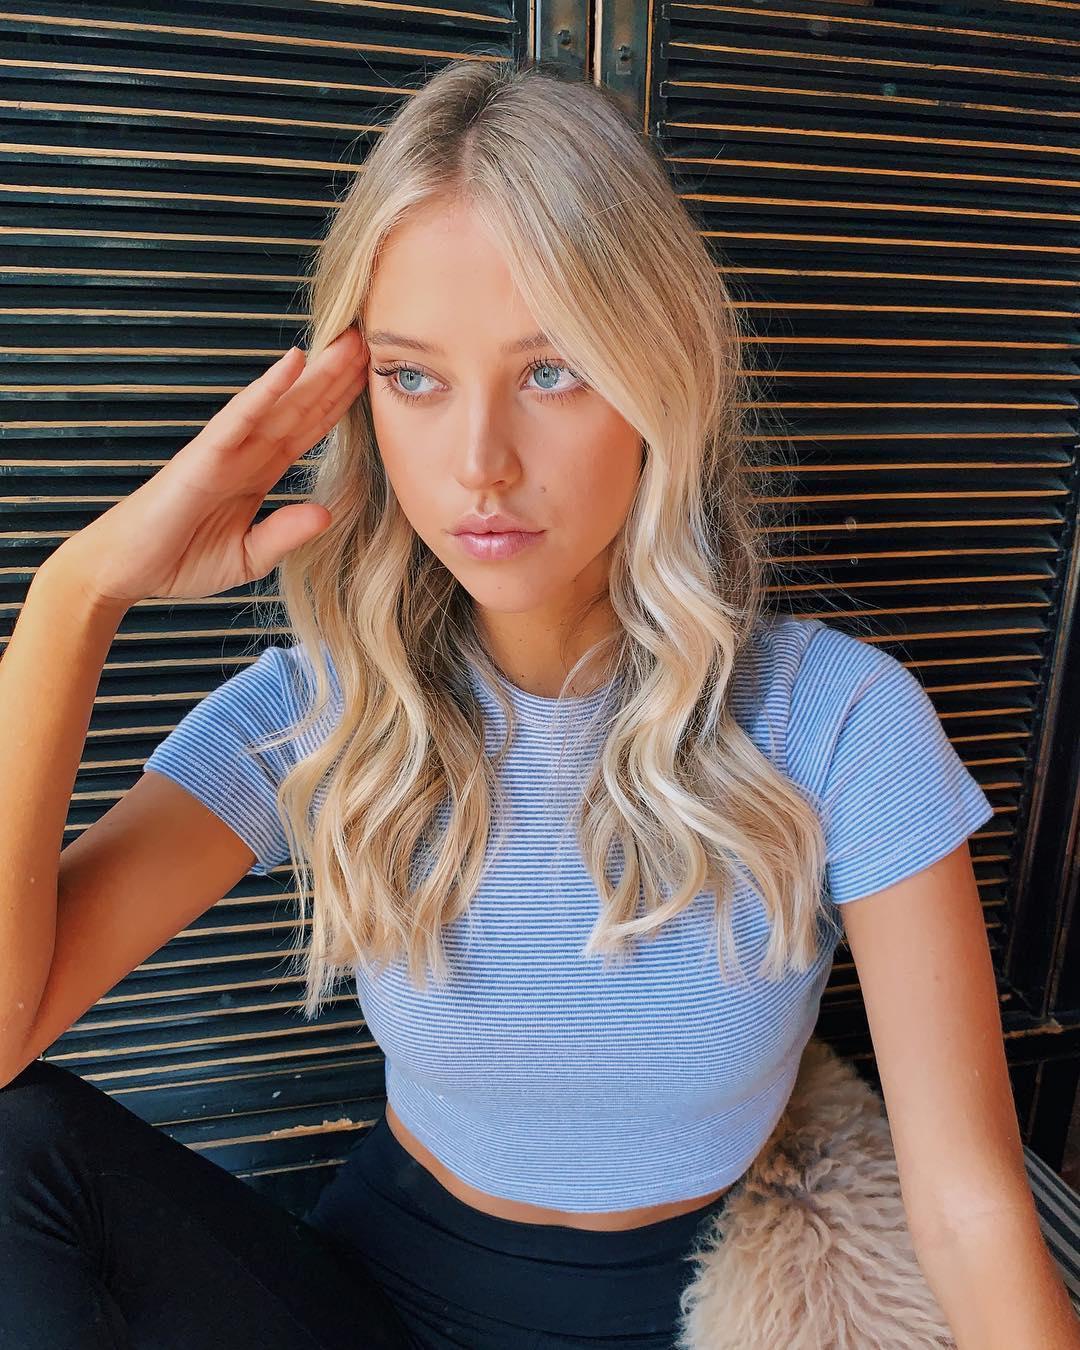 Kaitlynn-Bell-Wallpapers-Insta-Biography-6